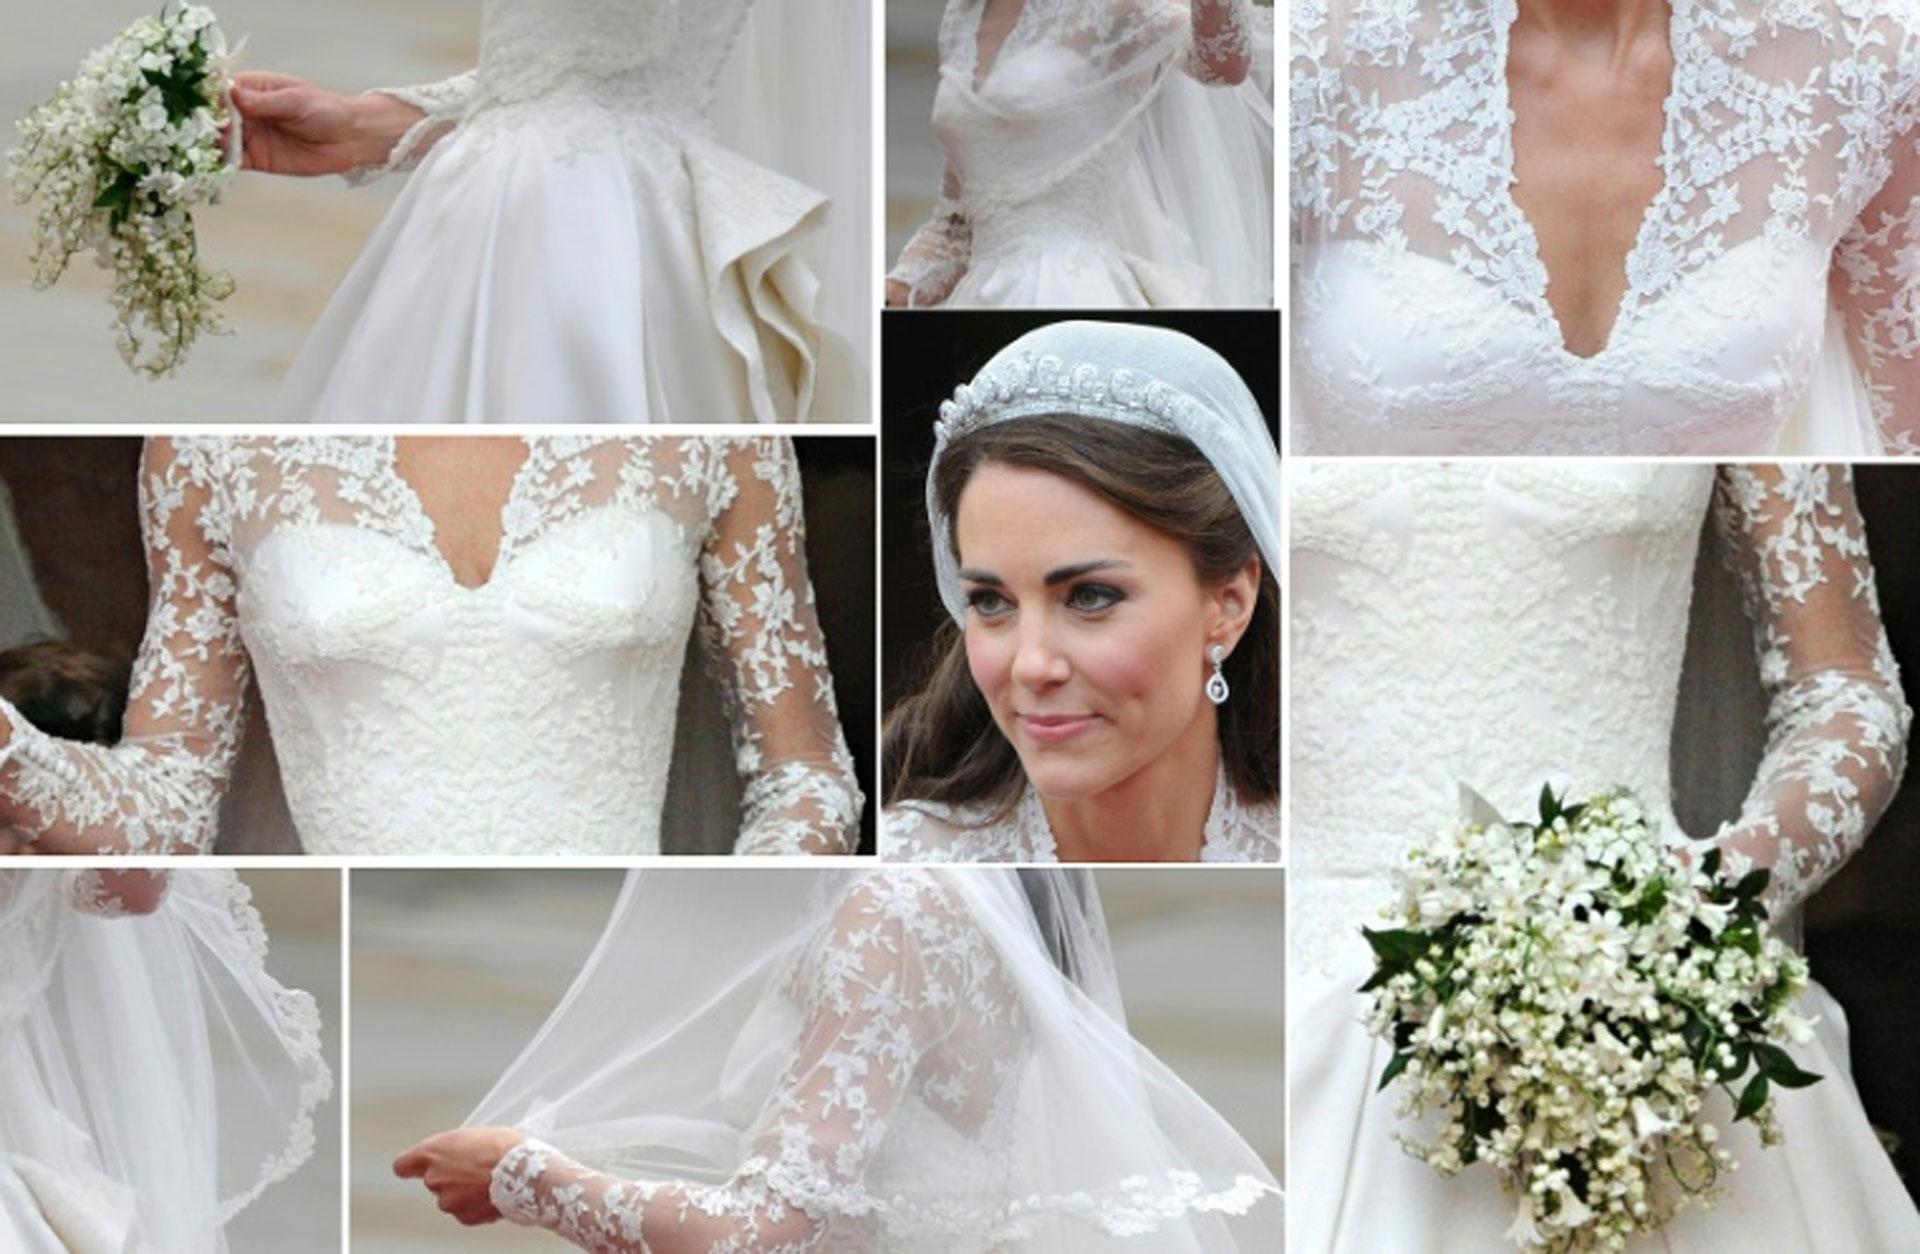 Combo de imágenes del vestido que lució Kate Middleton en su boda con el príncipe Guillermo de Inglaterra, el 29 de abril de 2011. (AFP/Archivos – -)